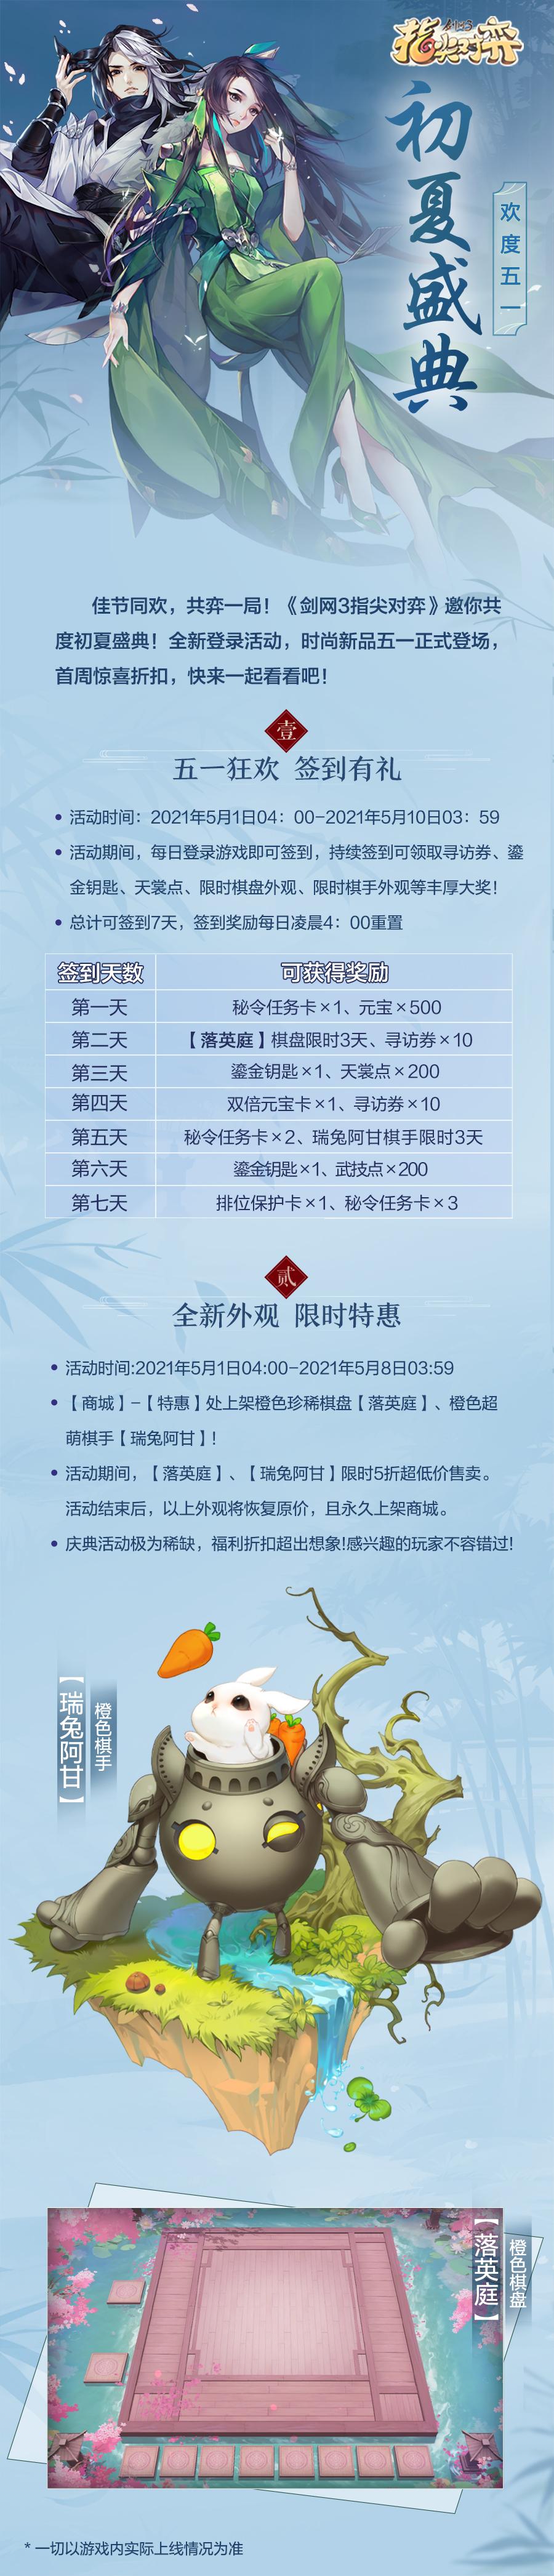 《剑网3指尖对弈》五一初夏盛典明日正式开启!